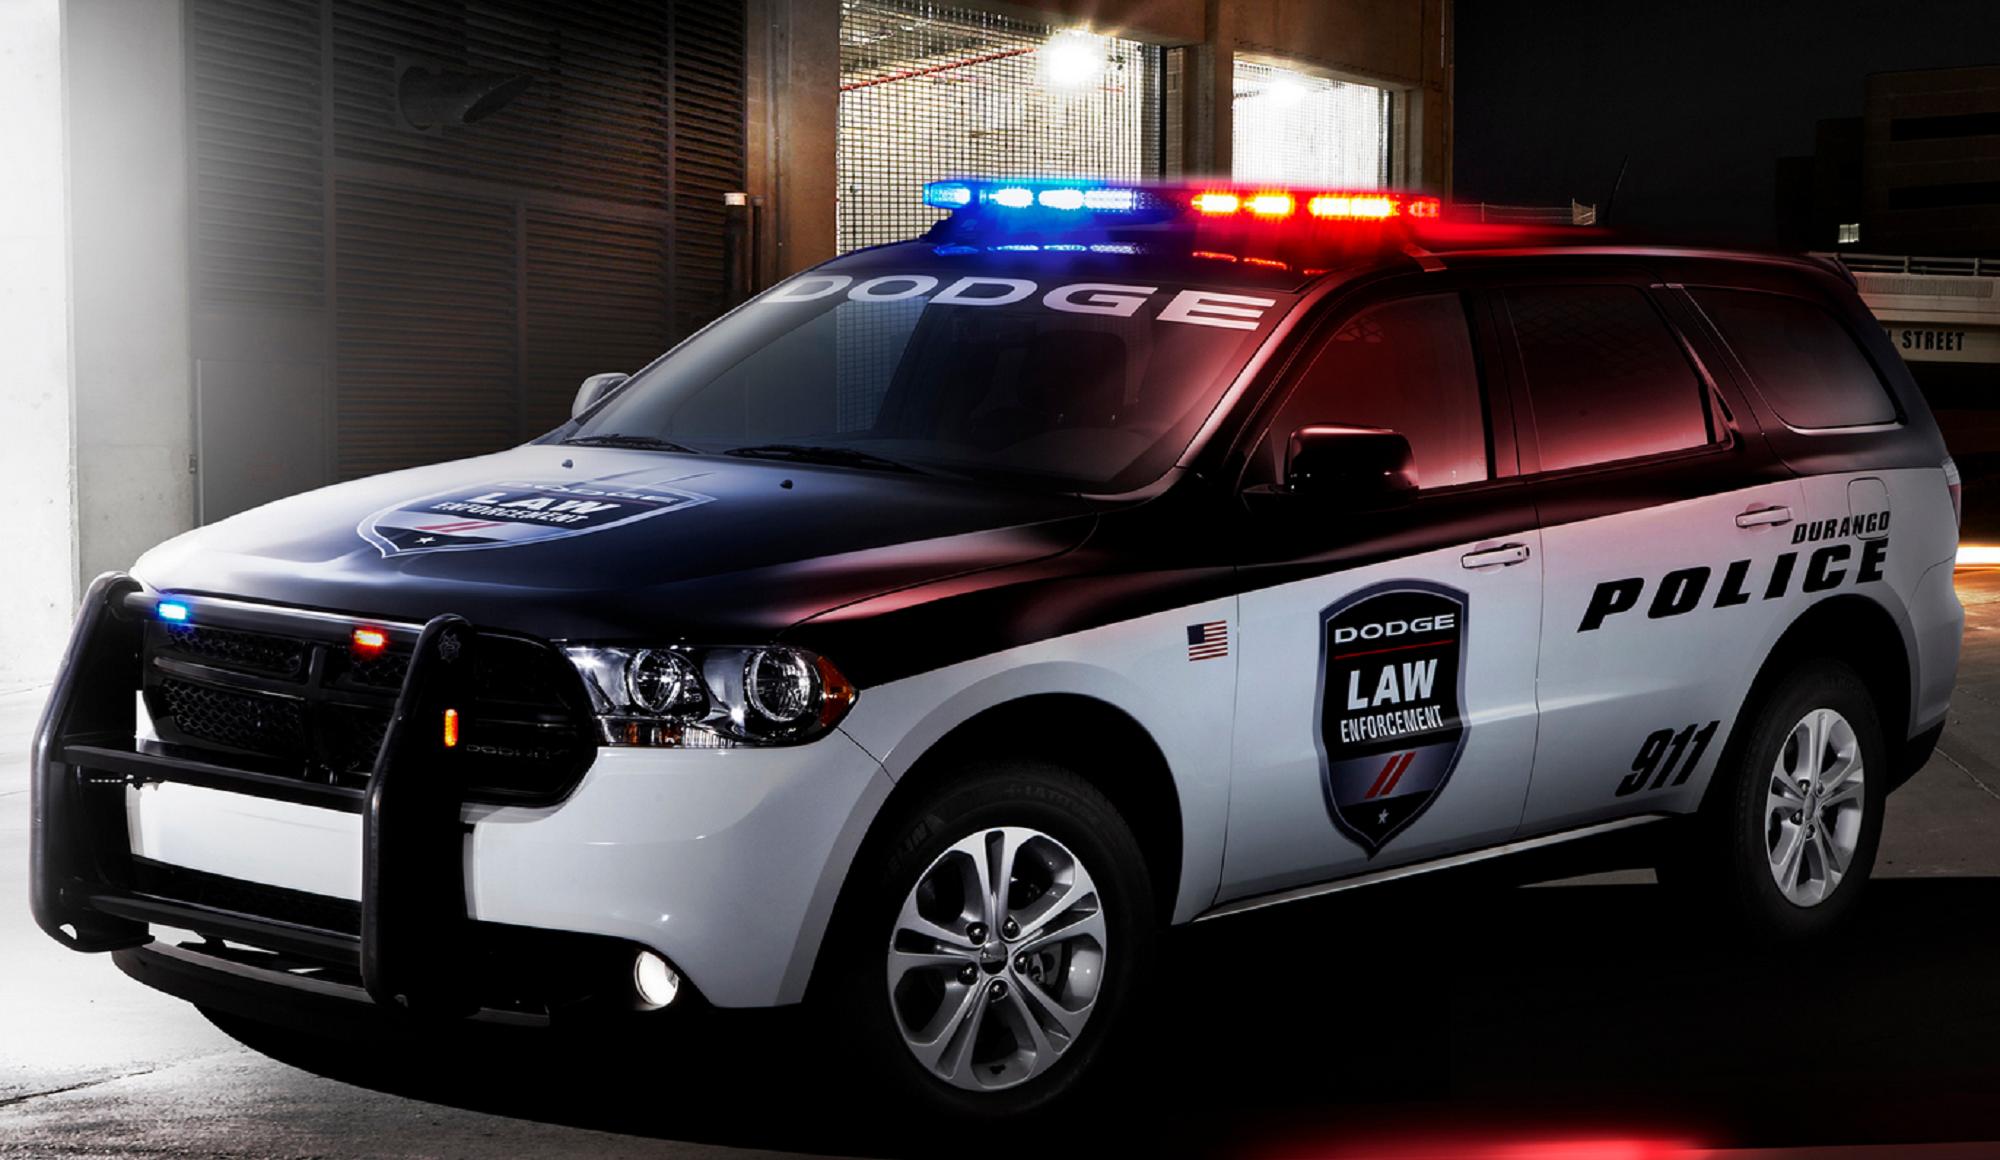 Мобильный марта, крутые картинки с полицейскими машинами